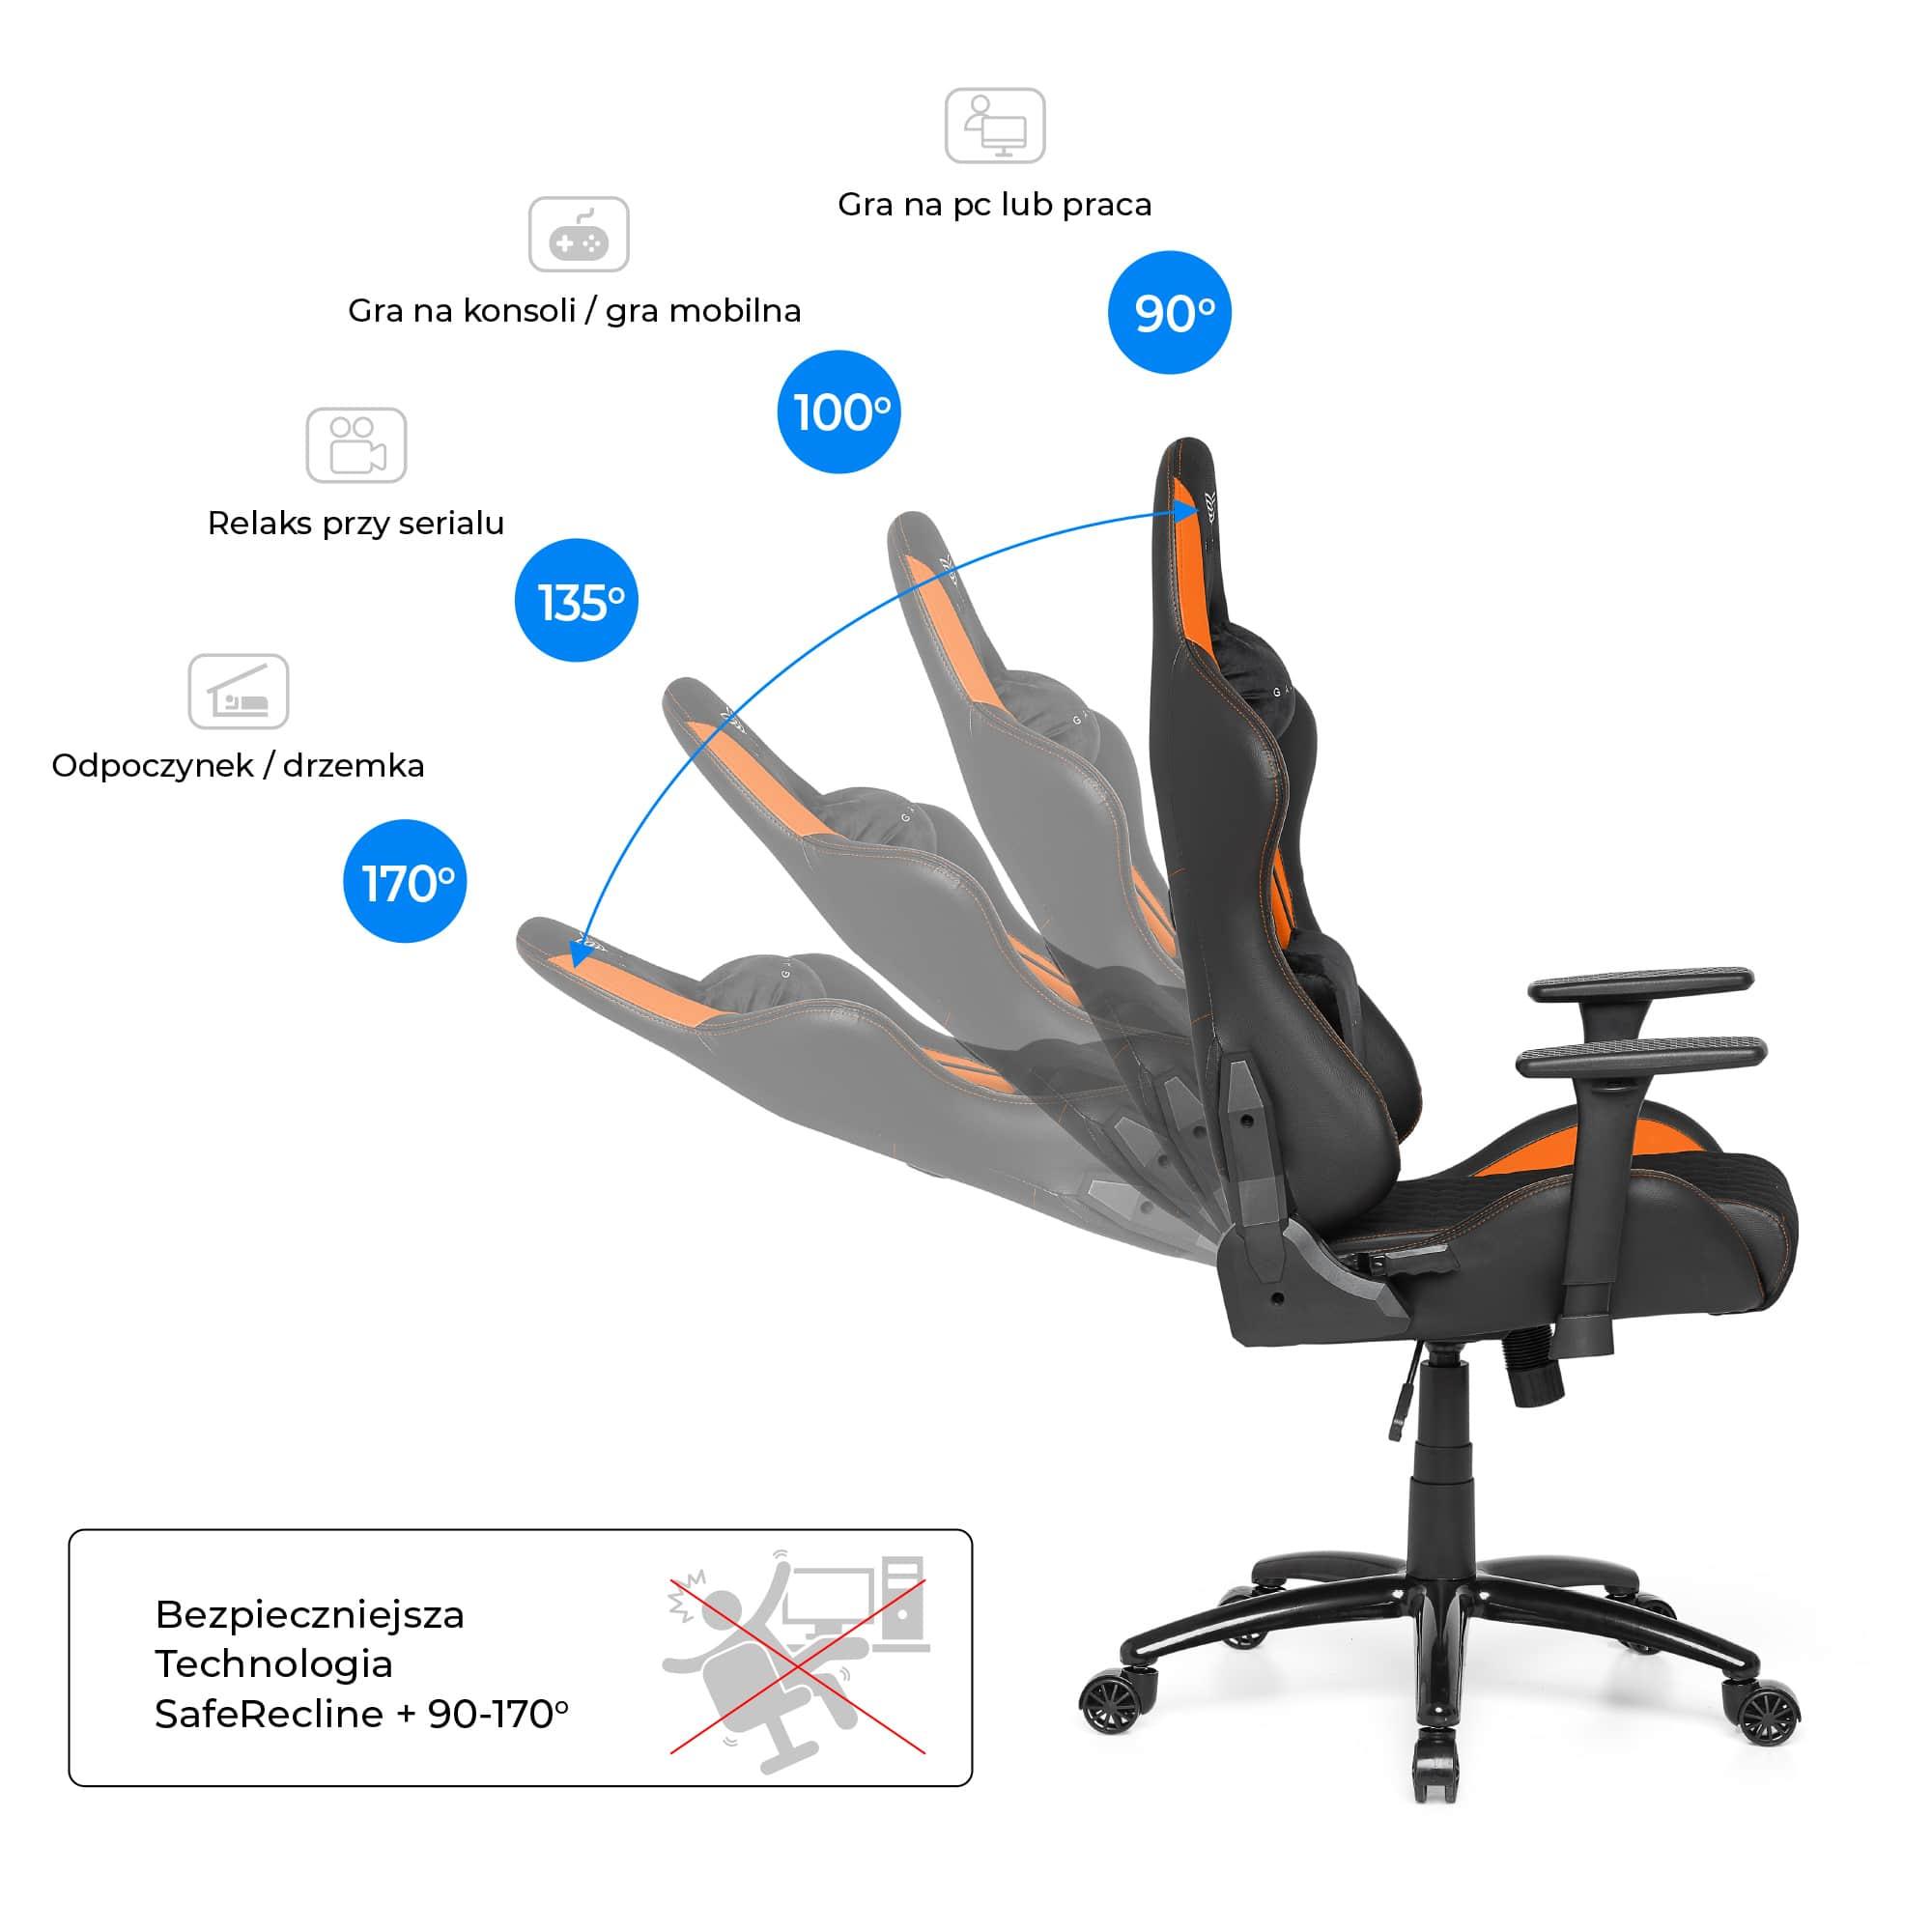 Materiałowy Fotel gamingowy Gamvis Phantom Pomarańczowy 6